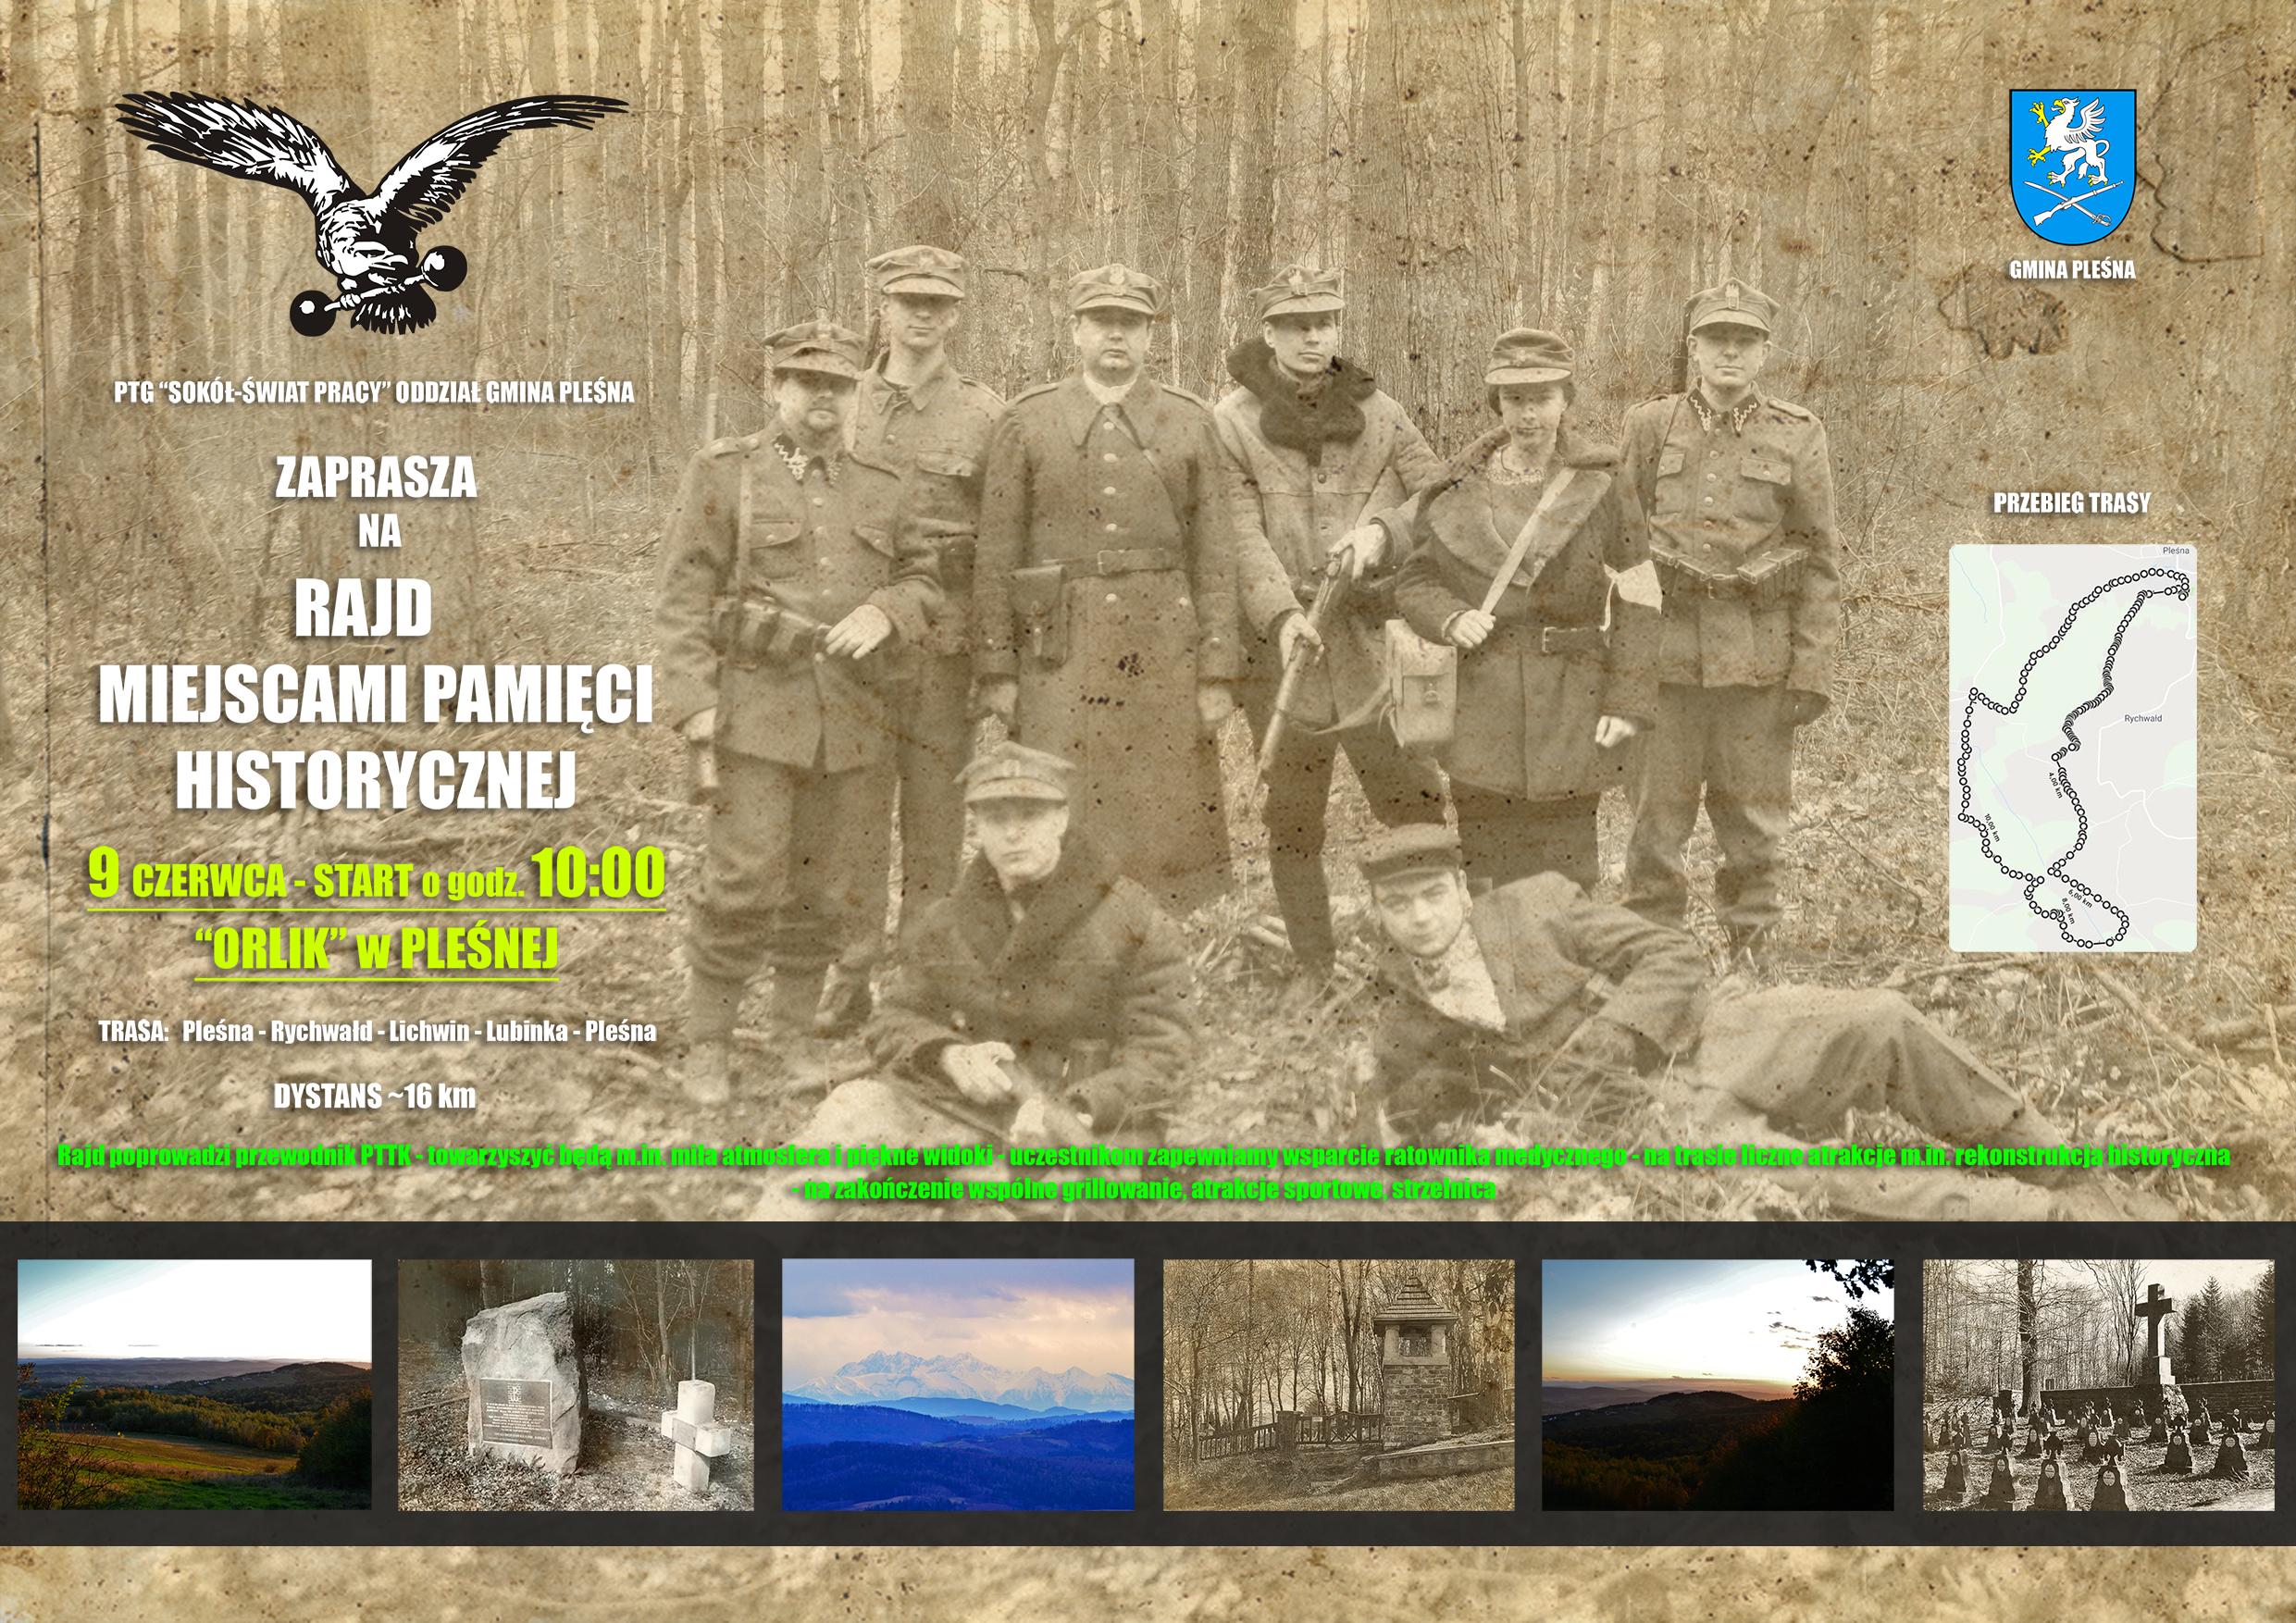 plakat rajd historyczny 150 dpi.jpg